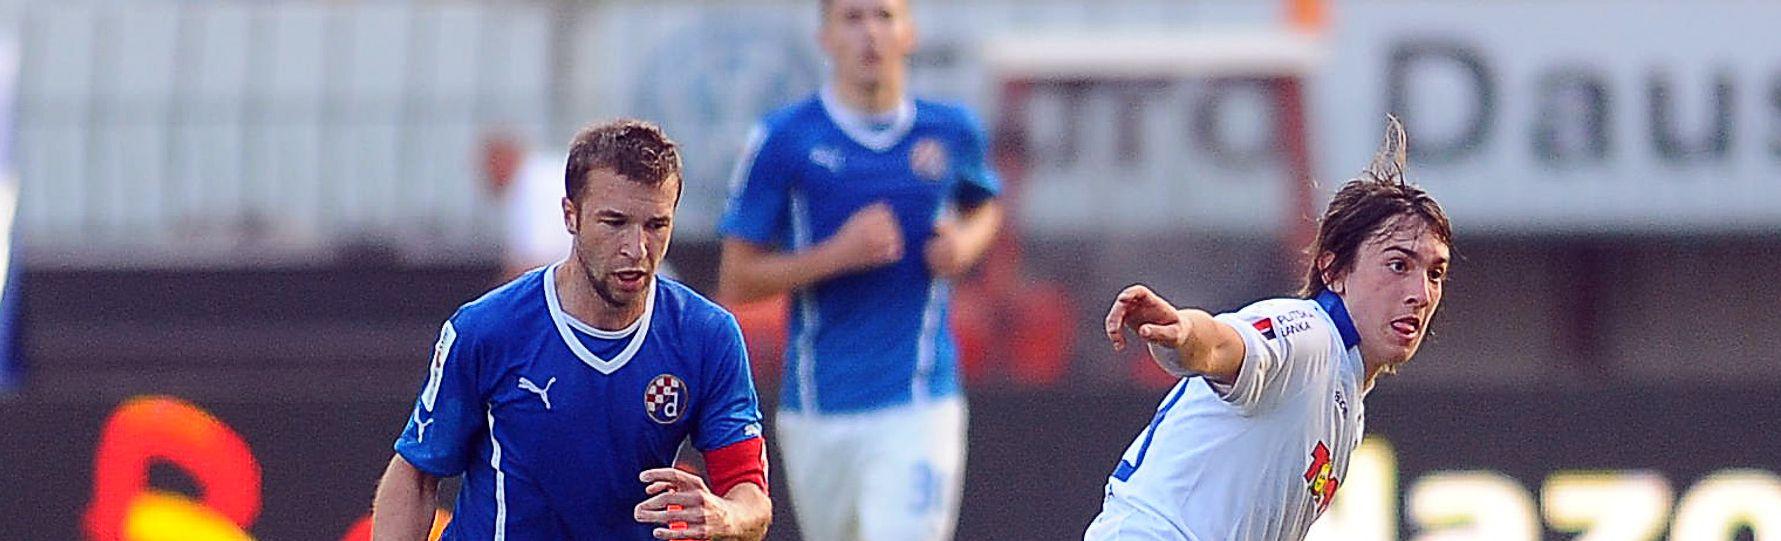 Prva HNL – Dinamo 100 utakmica bez poraza, pobjeda Rijeke